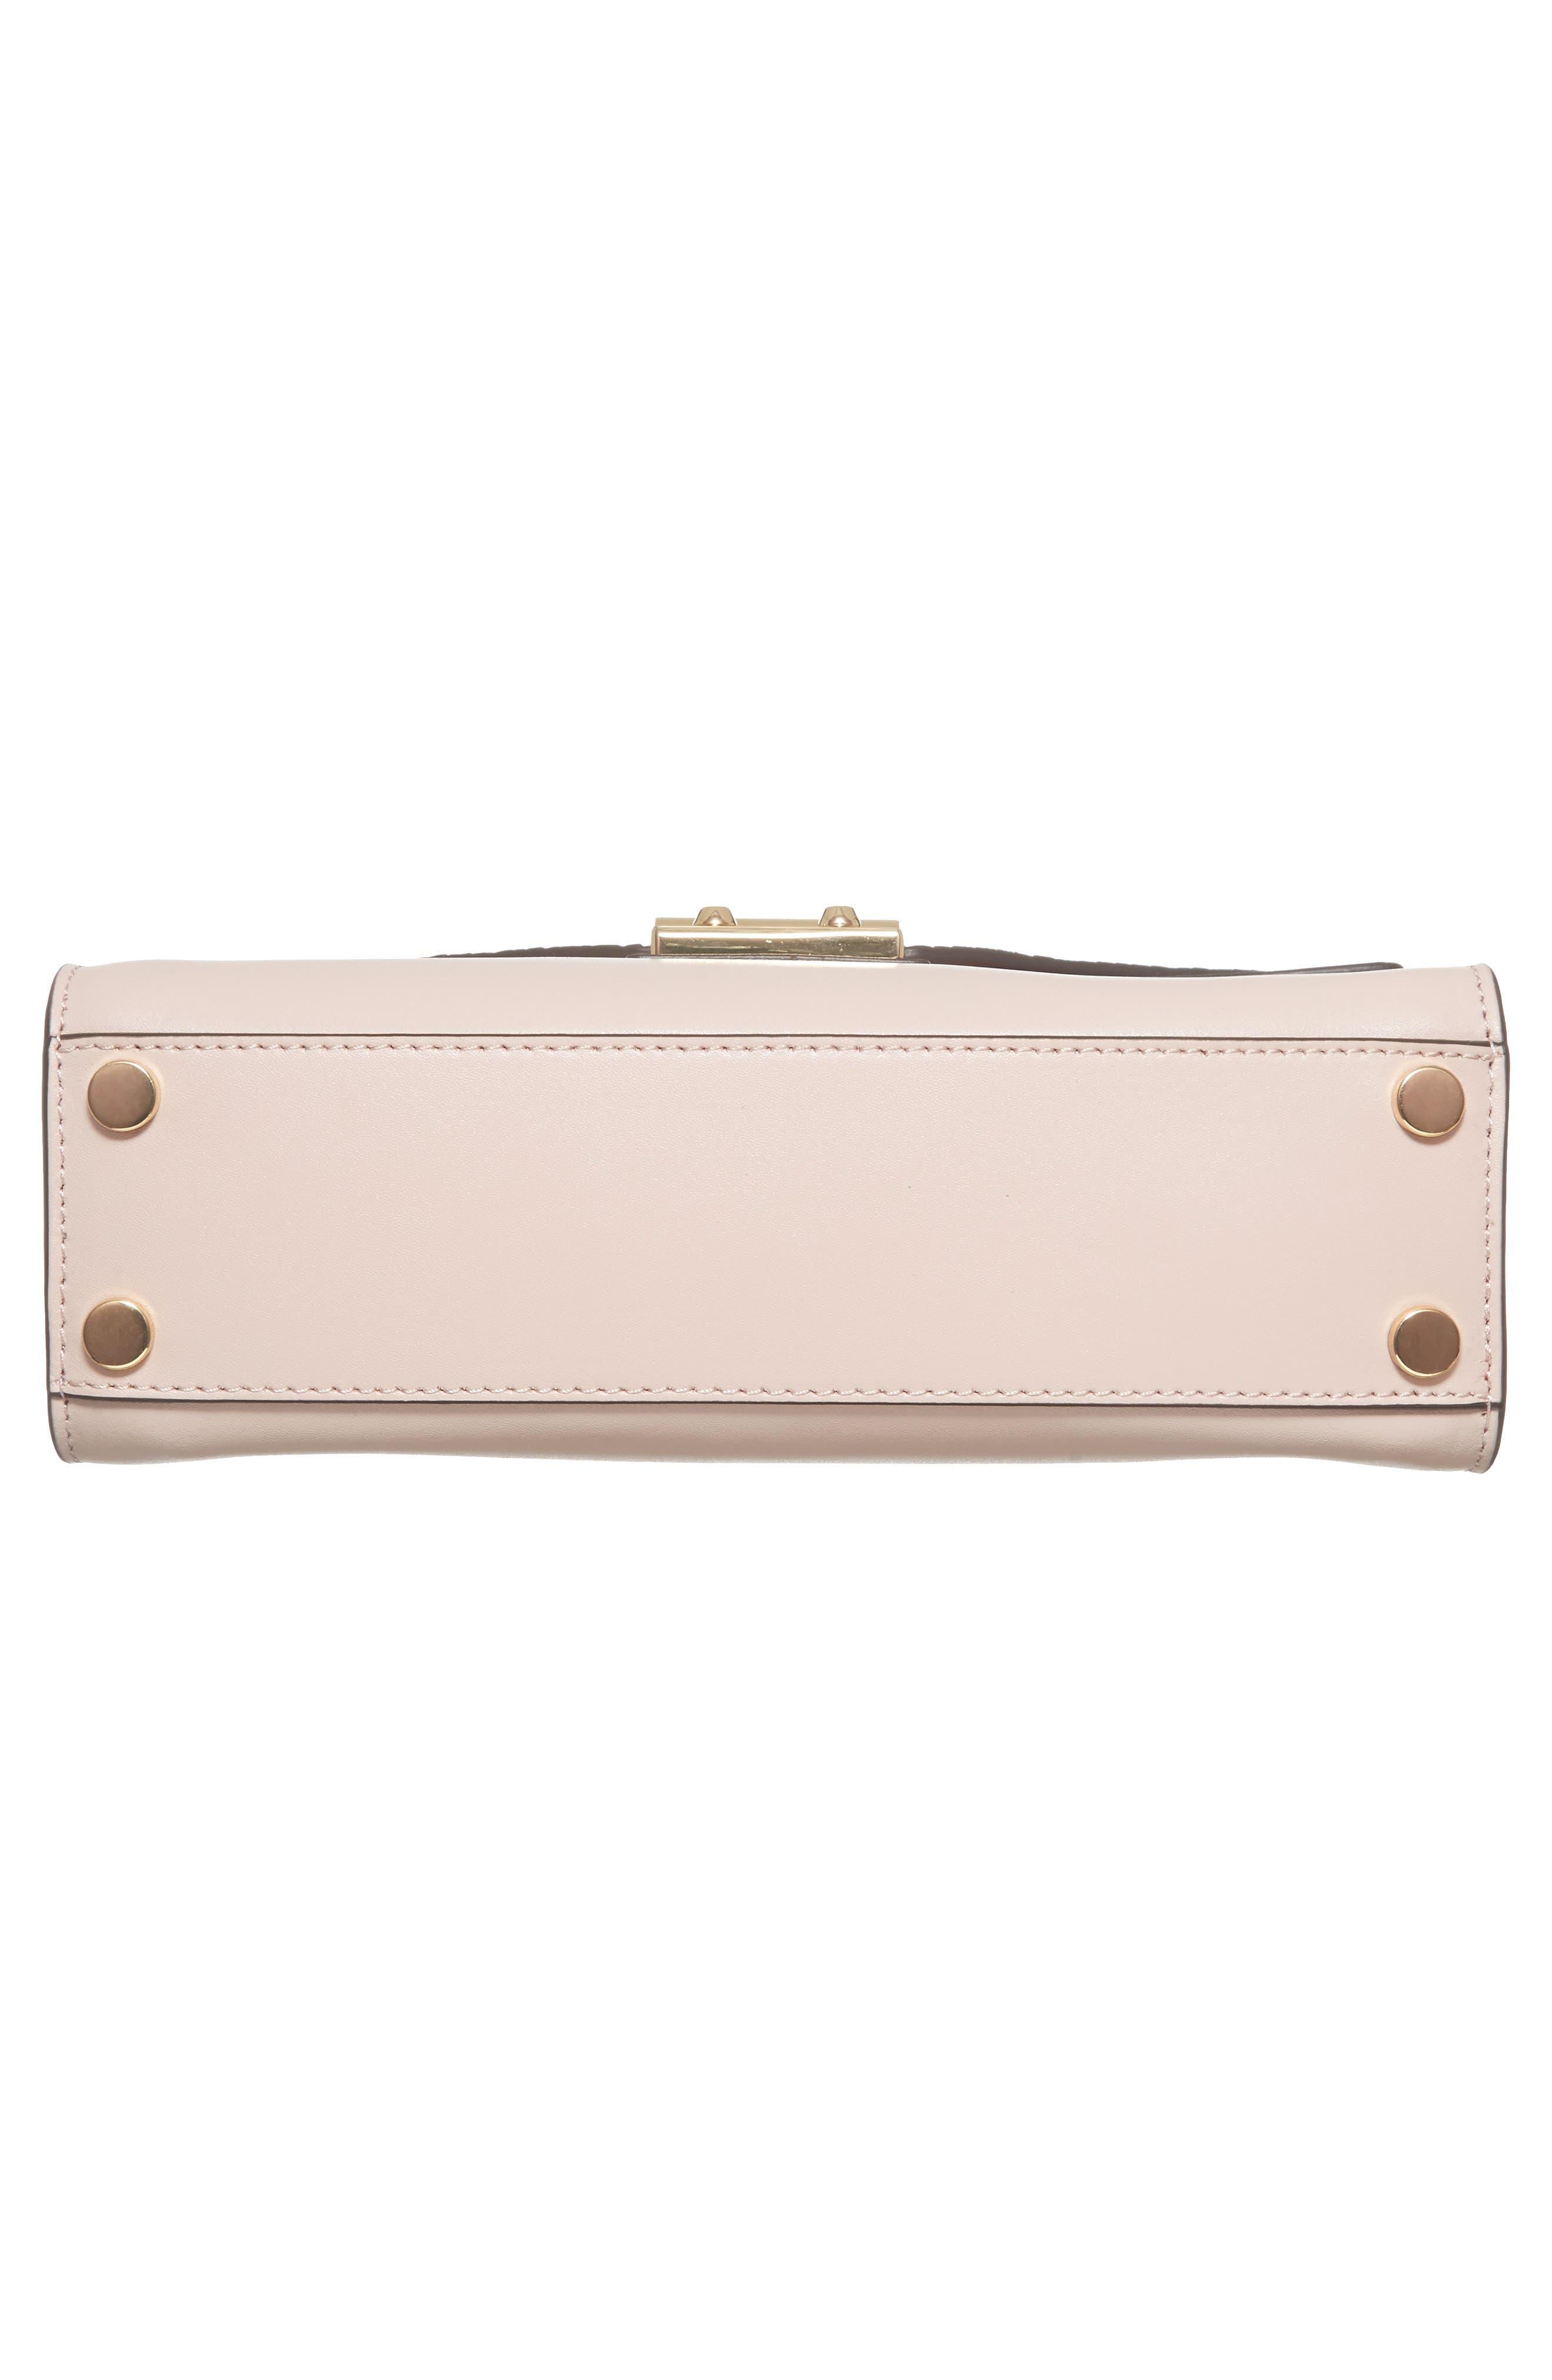 Medium Sloan Leather Shoulder Bag,                             Alternate thumbnail 6, color,                             686